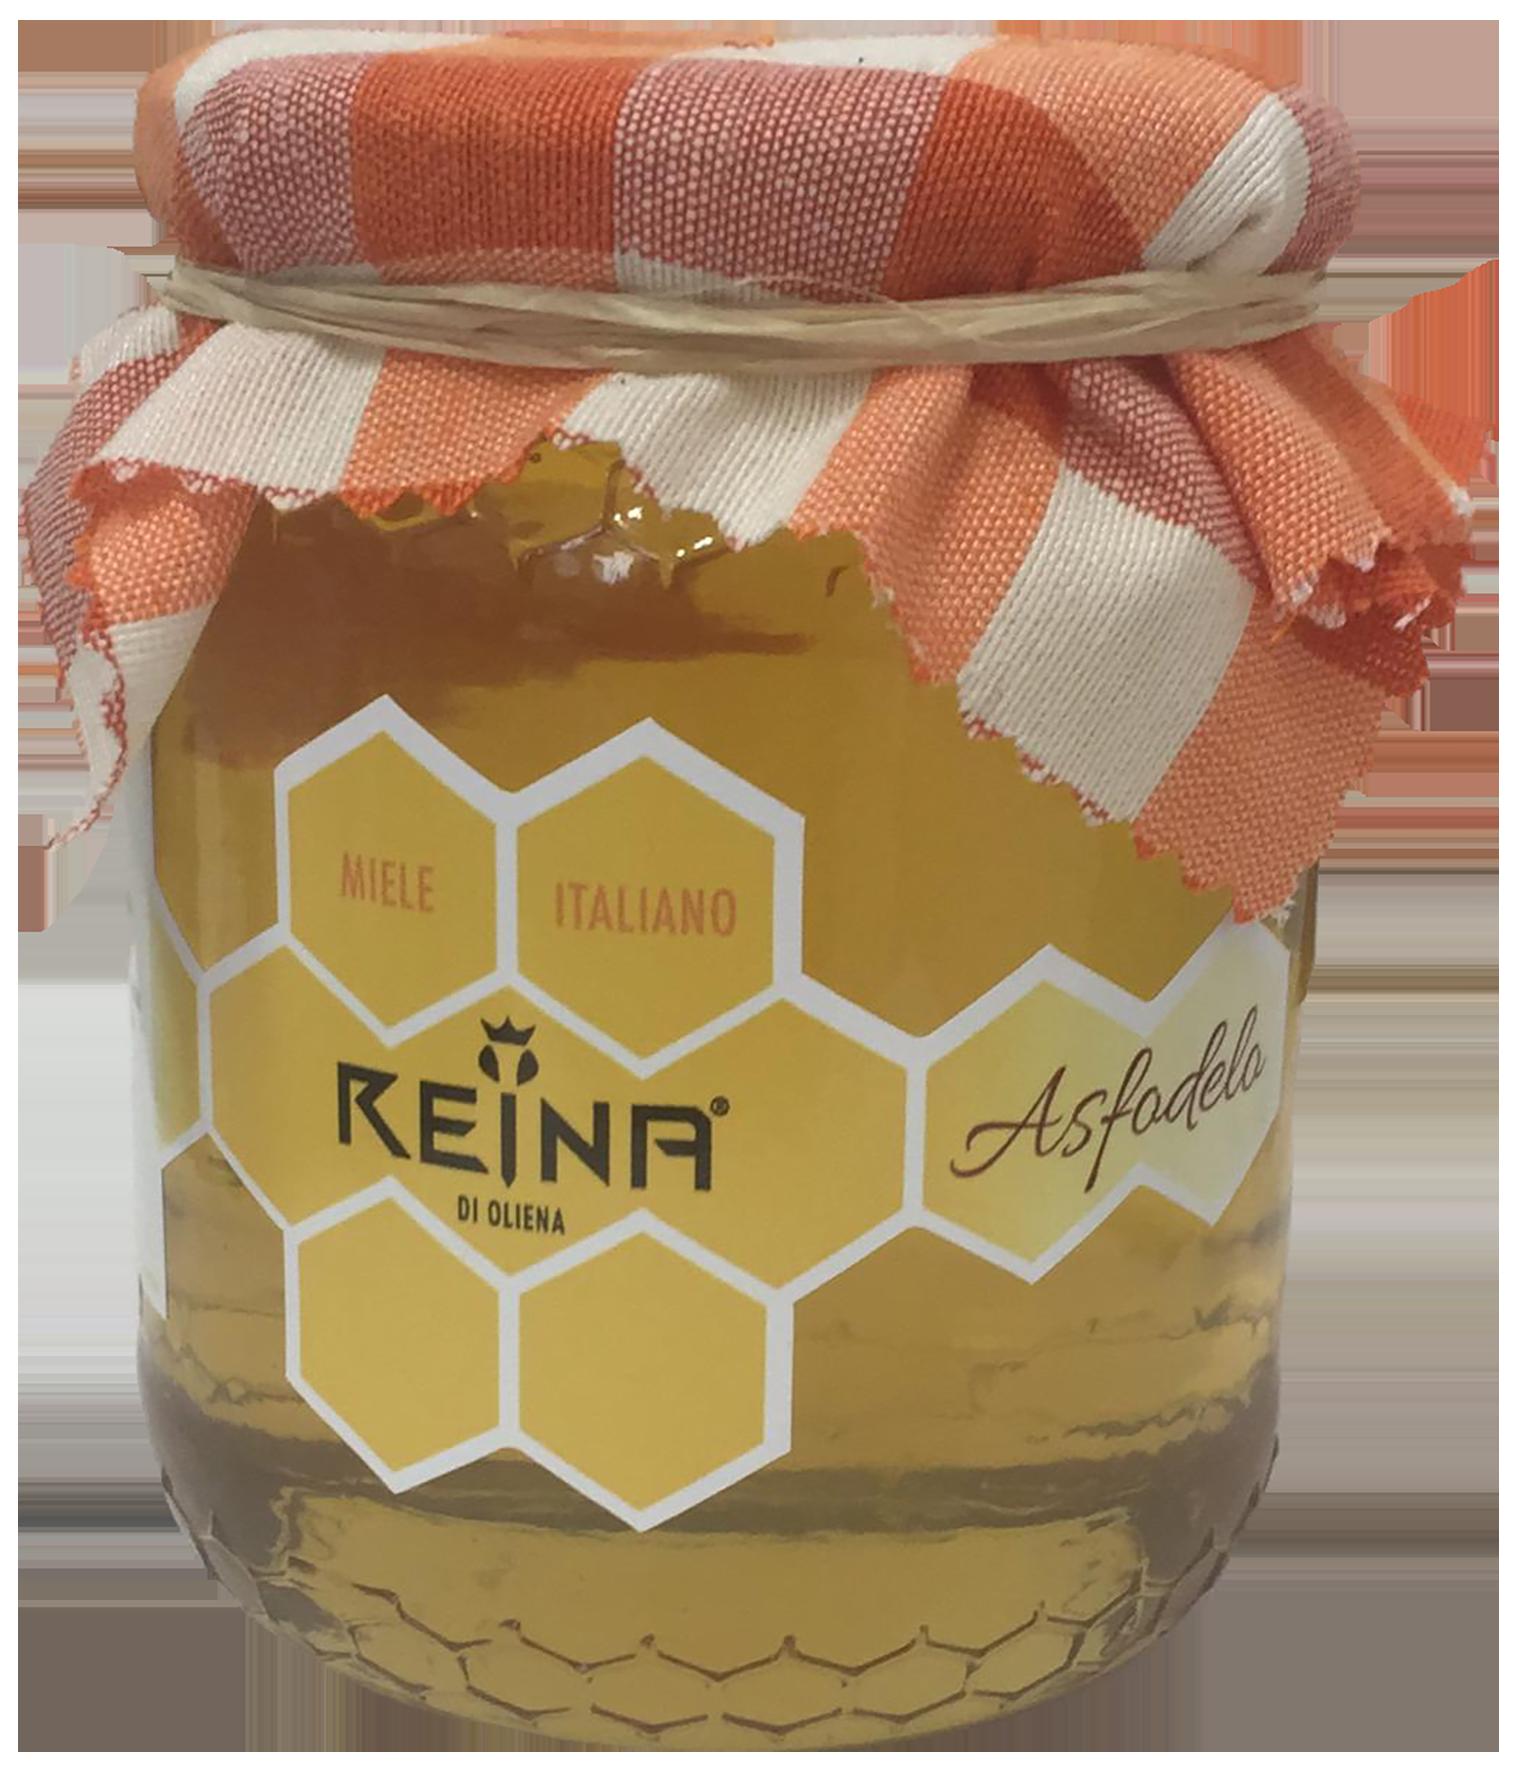 Miele Reina - Asfodelo